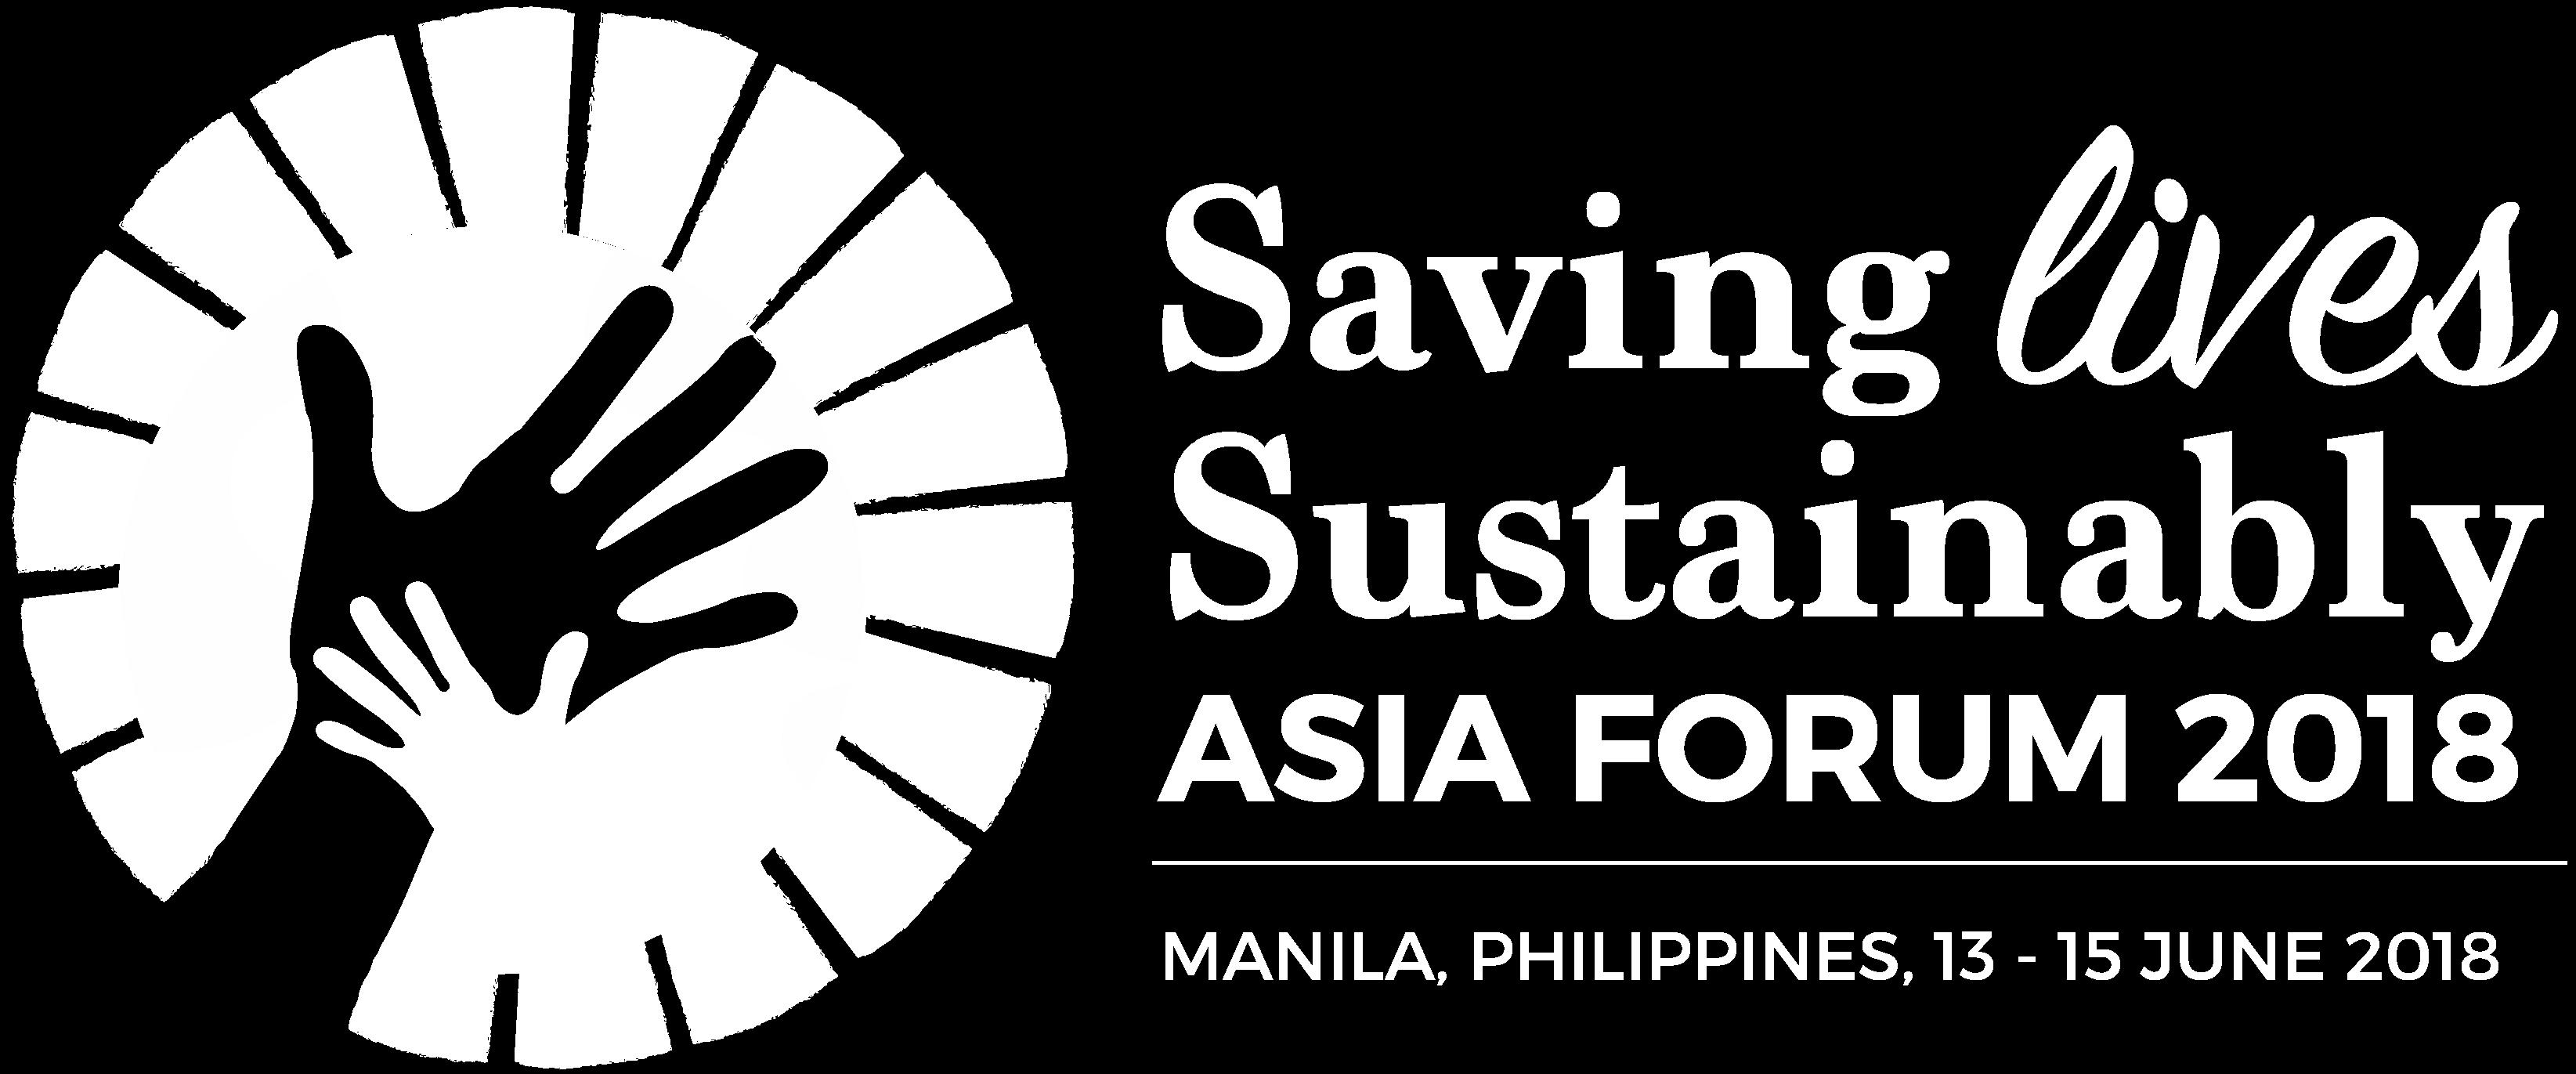 Manila dating forum